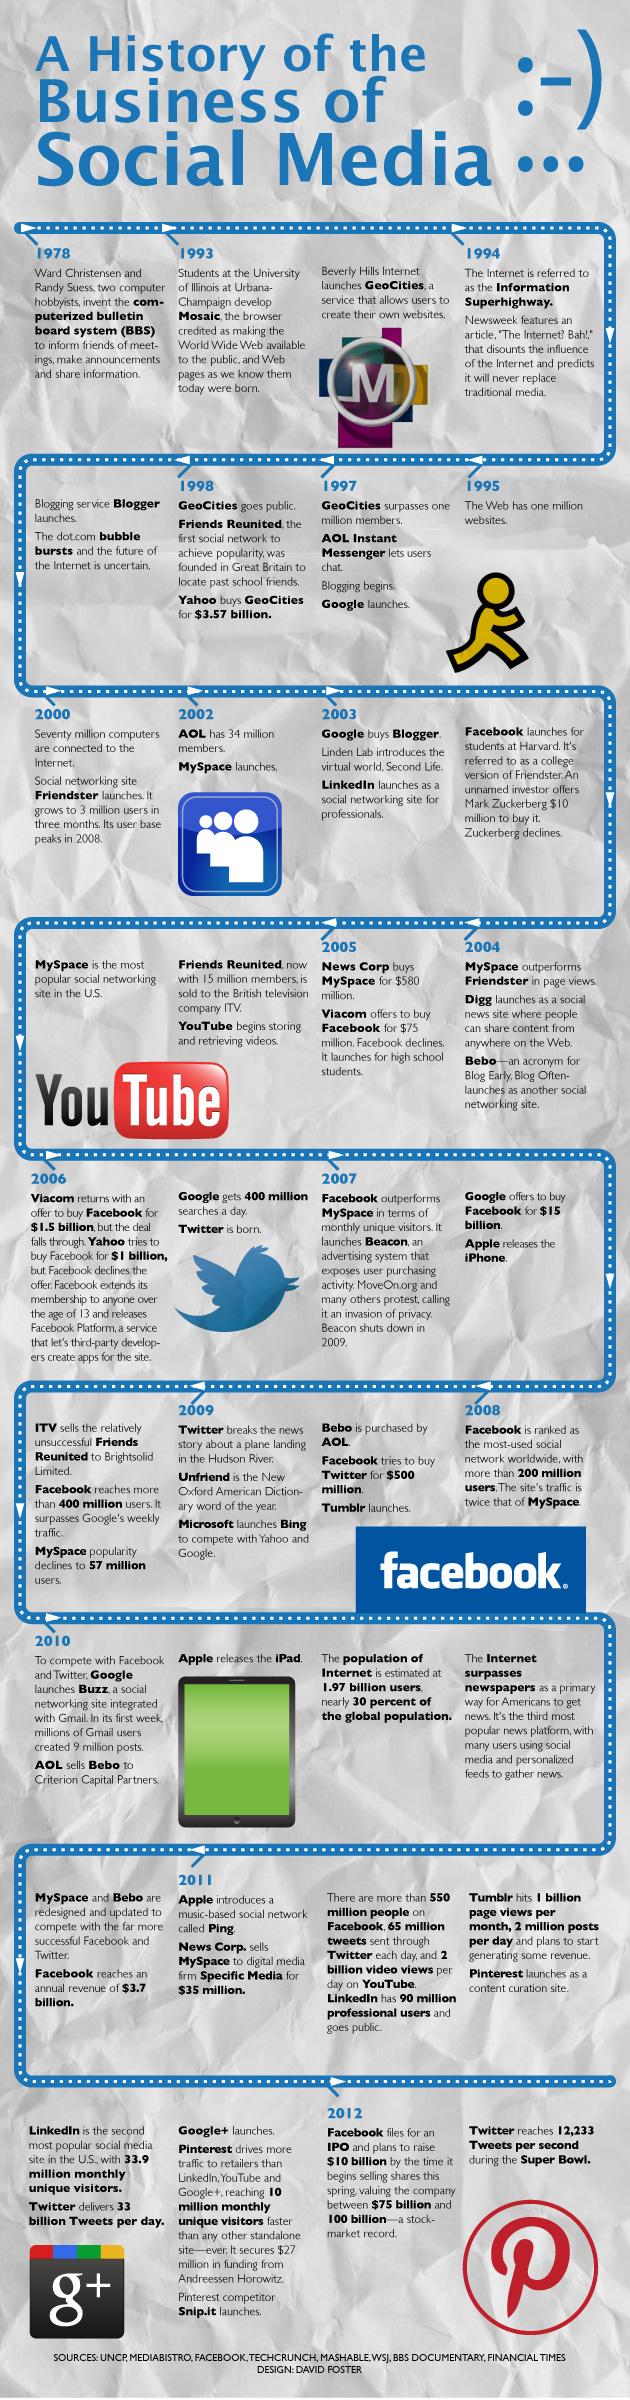 Historia de los medios sociales (1978 - 2012)